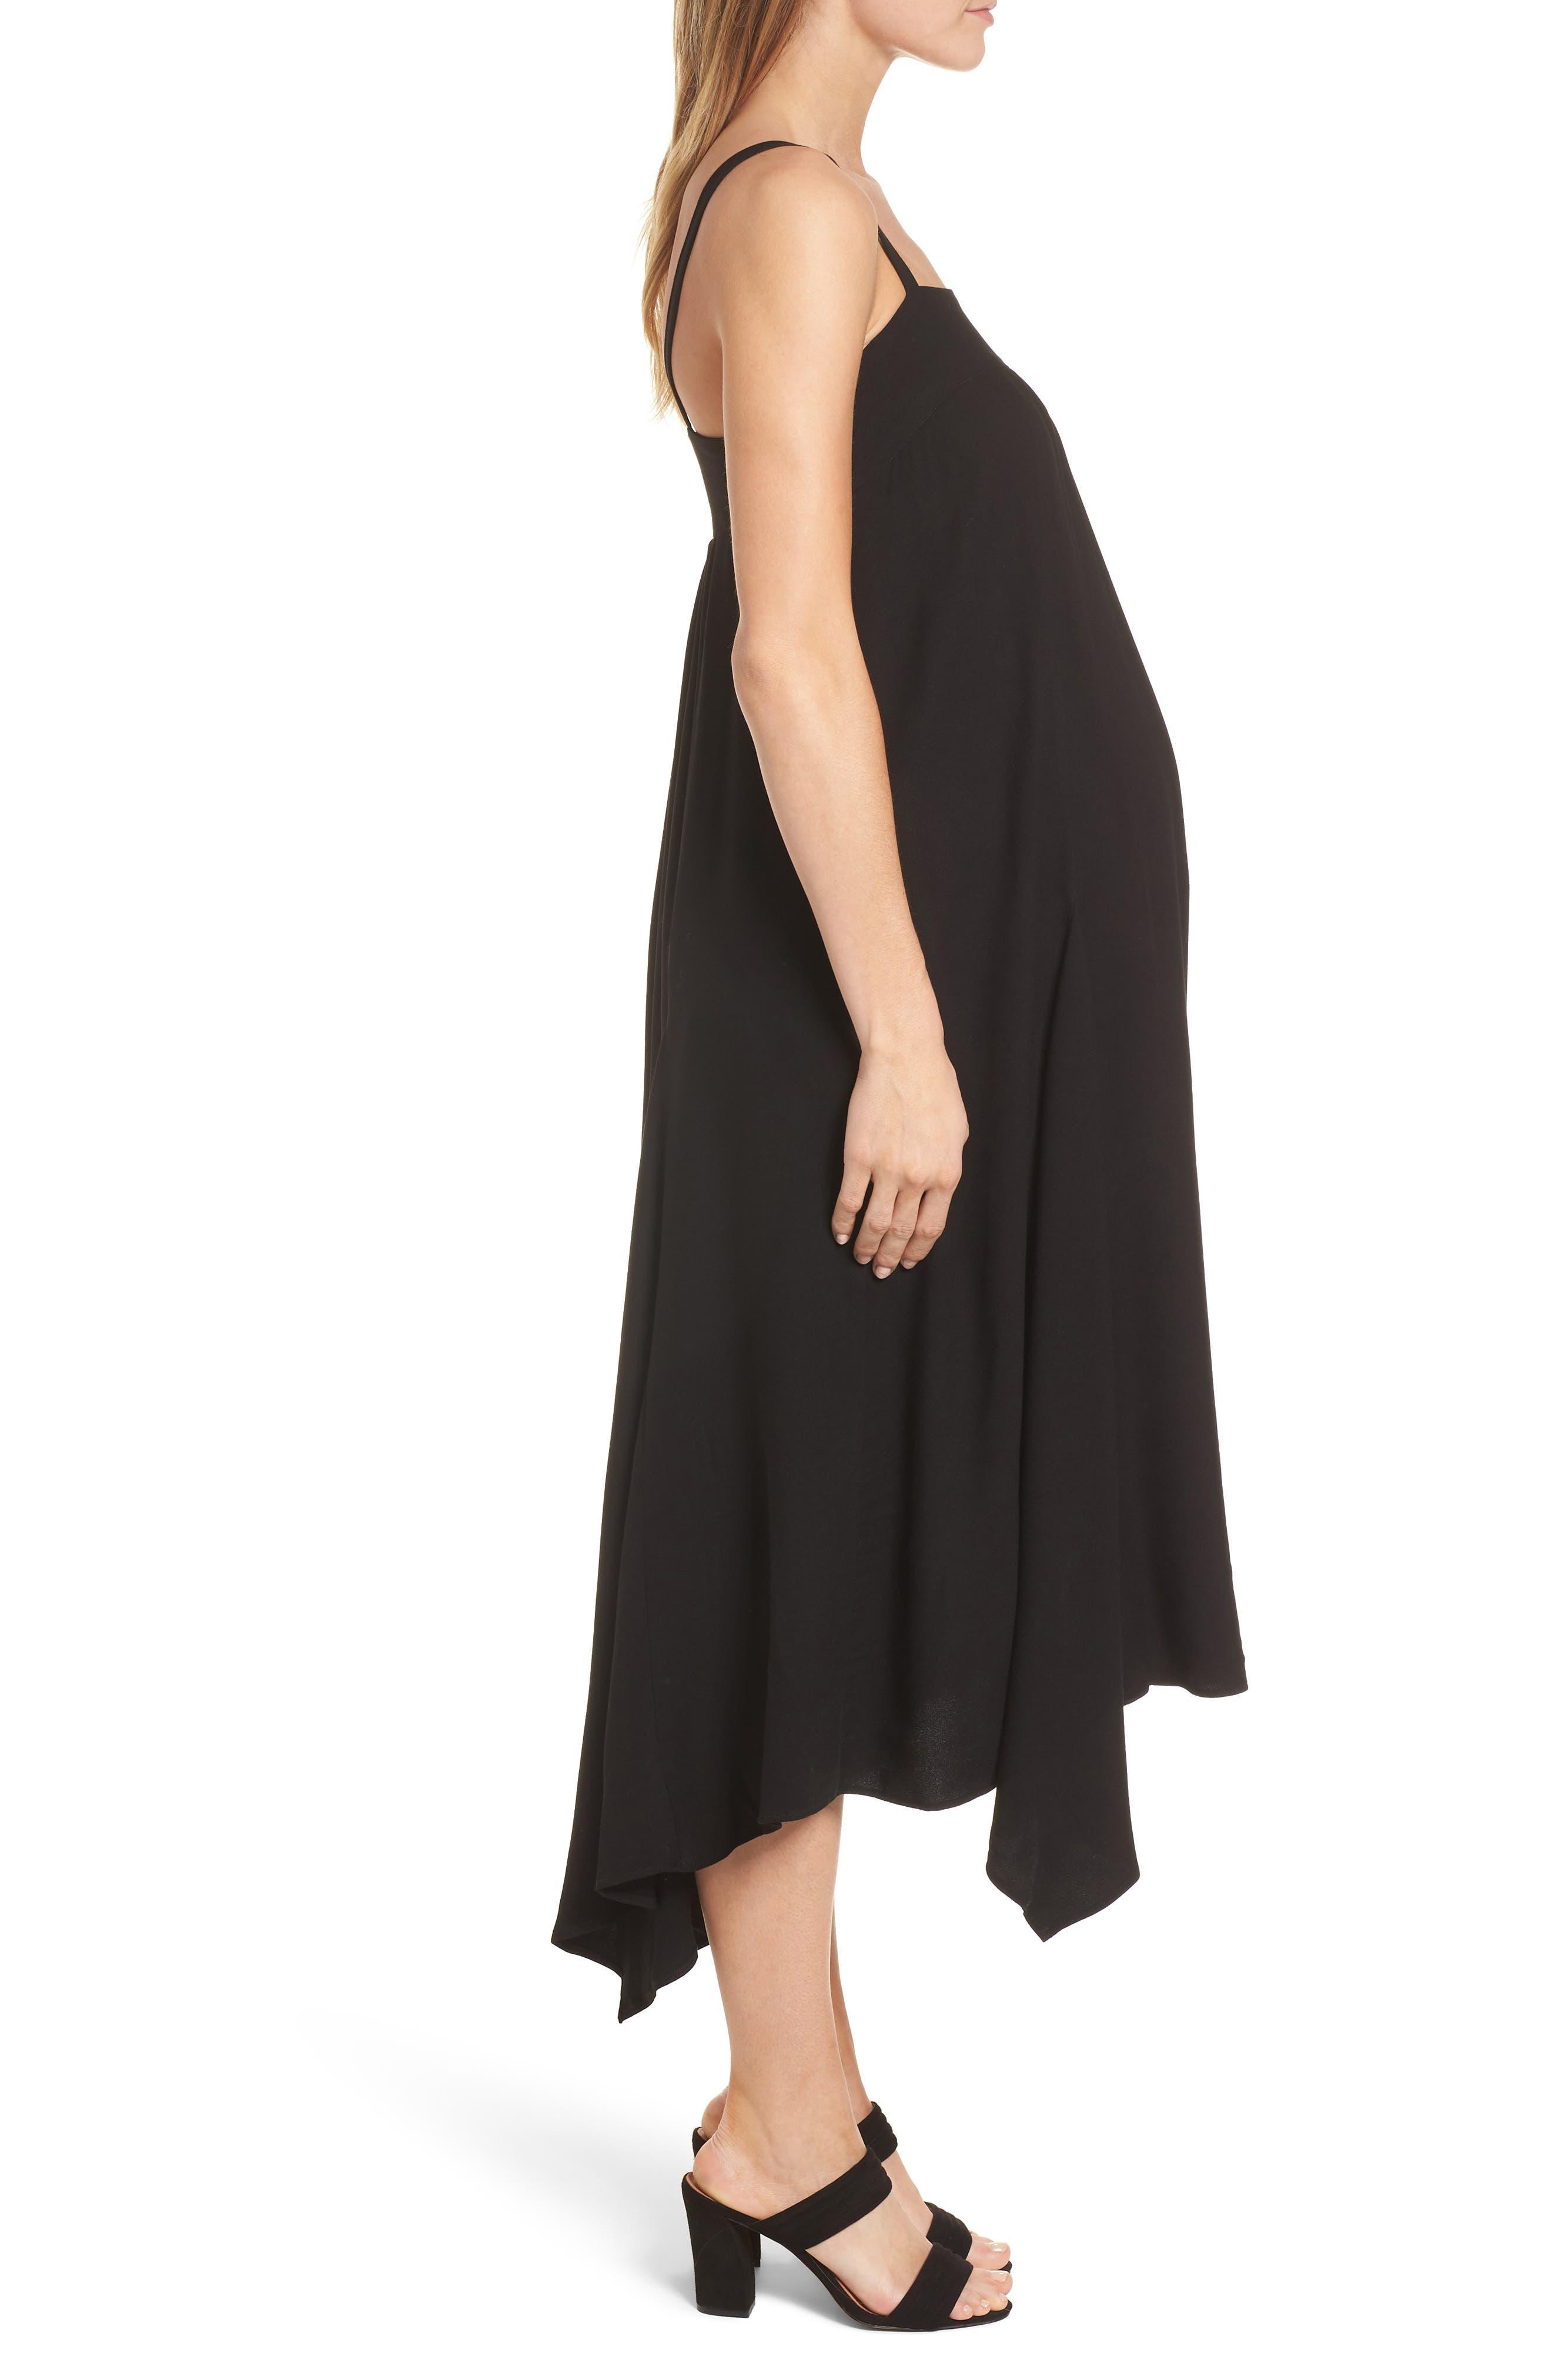 Carey Handkerchief Hem Maternity Dress,                             Alternate thumbnail 3, color,                             Caviar Black